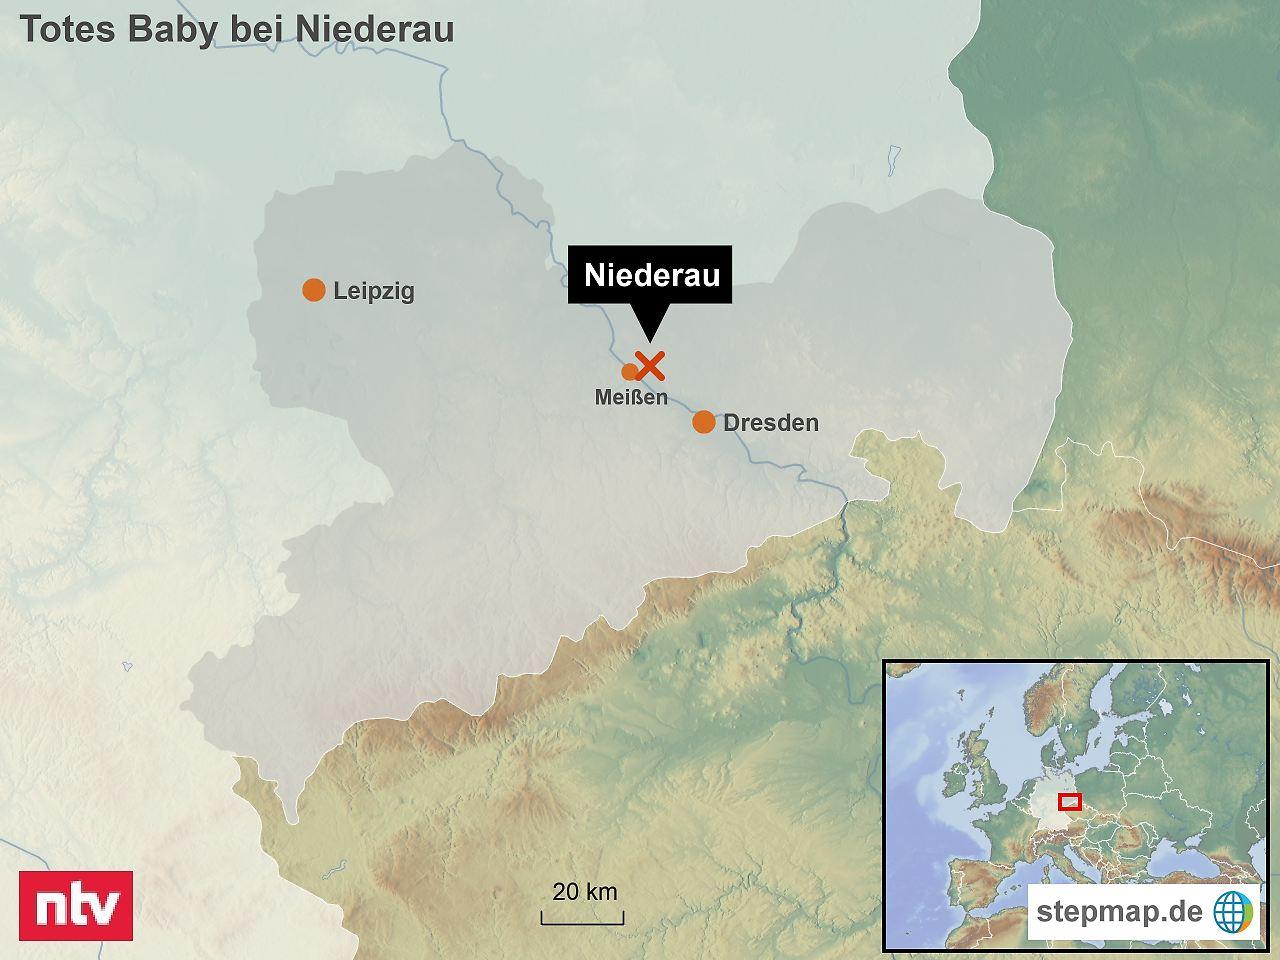 Toter Säugling auf Feld bei Niederau in Sachsen gefunden - Verdacht auf Totschlag